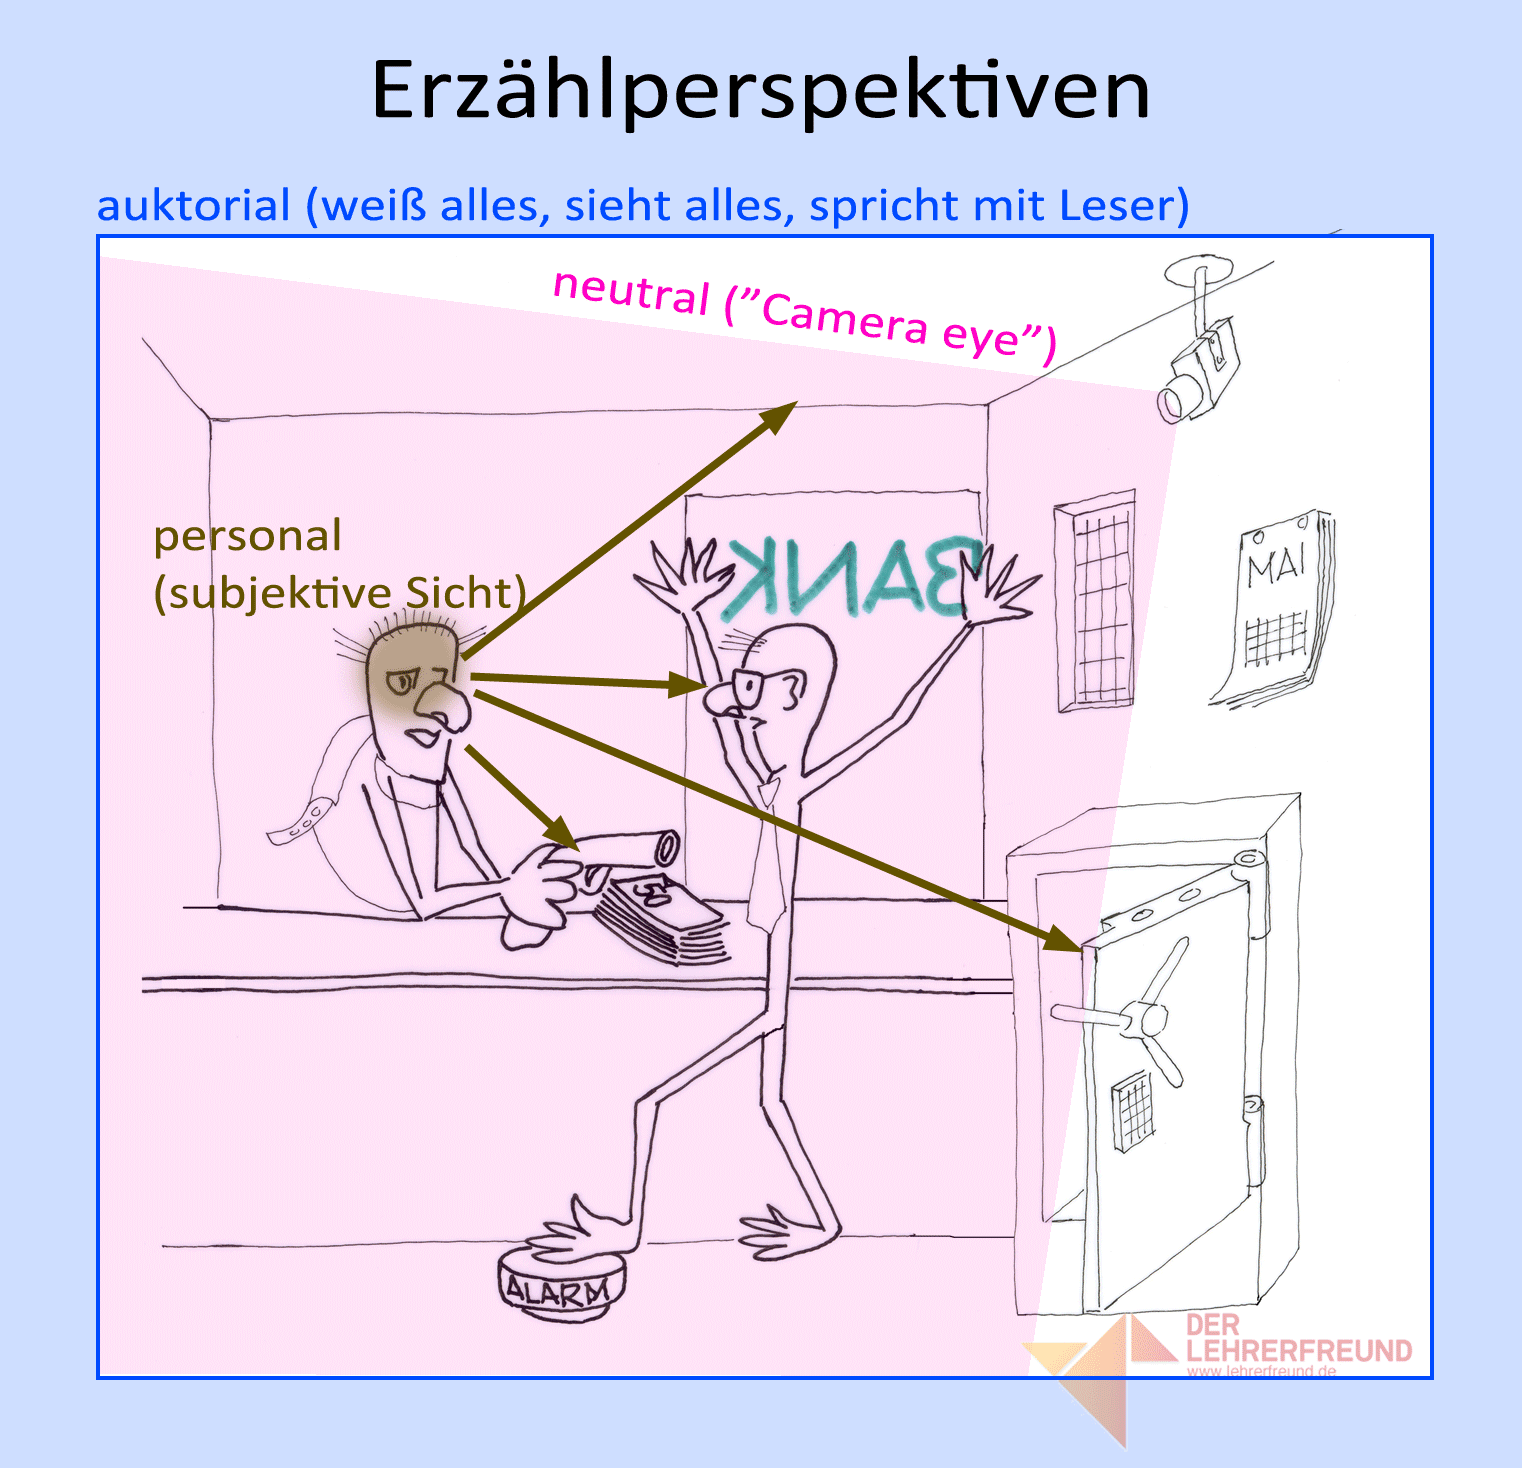 Tafelbild Erzählperspektiven - große Version zum Ausdrucken auf Folie  (Farbe) - Erzahlperspektive PNG